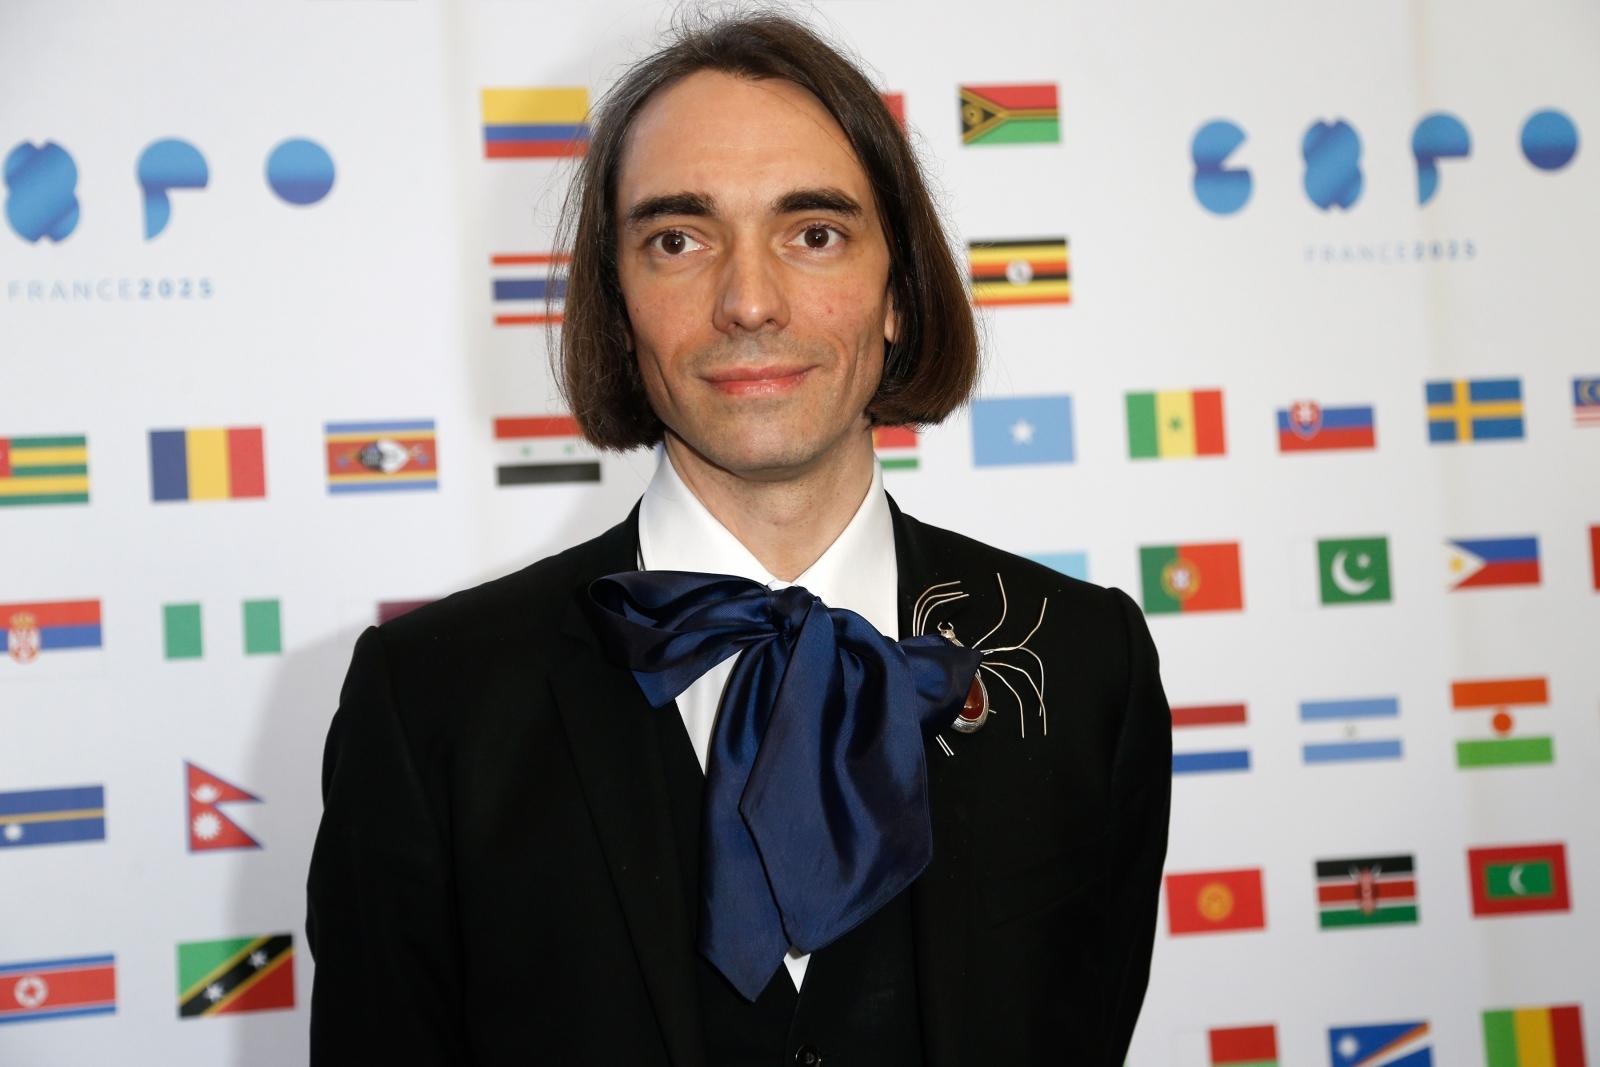 Cedric Villani